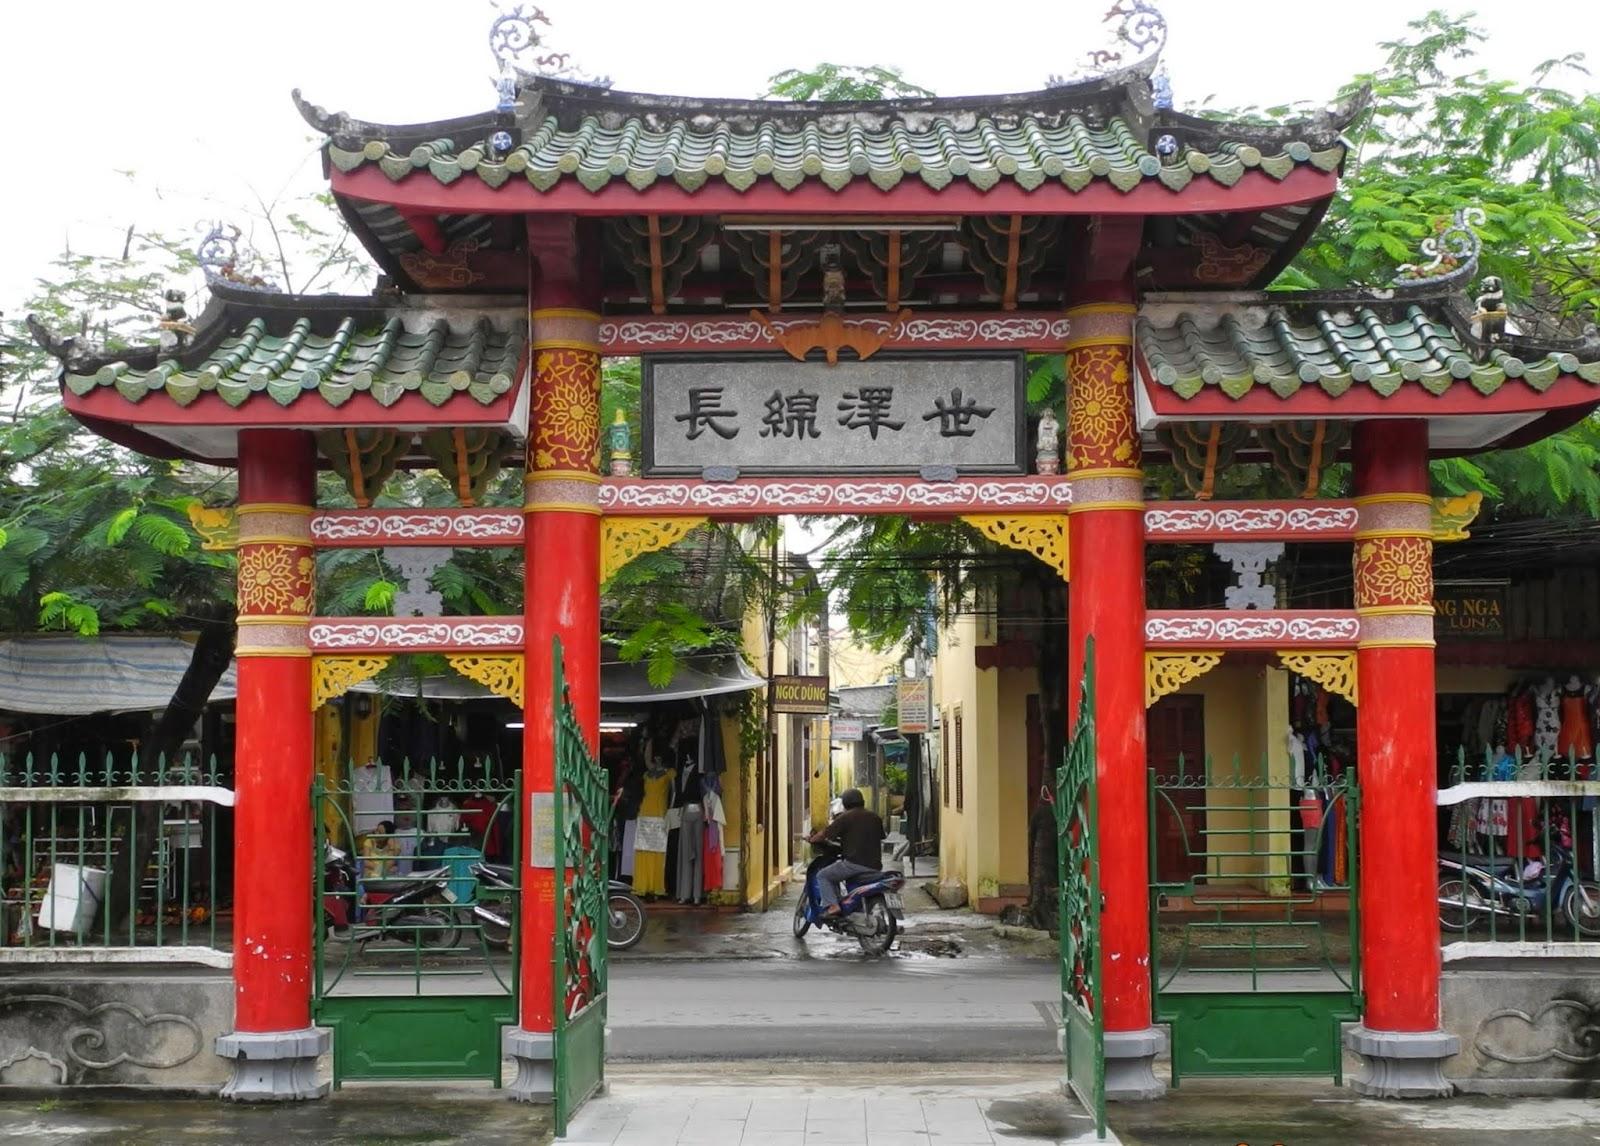 Hoi An - Trieu Chau Assembly Hall